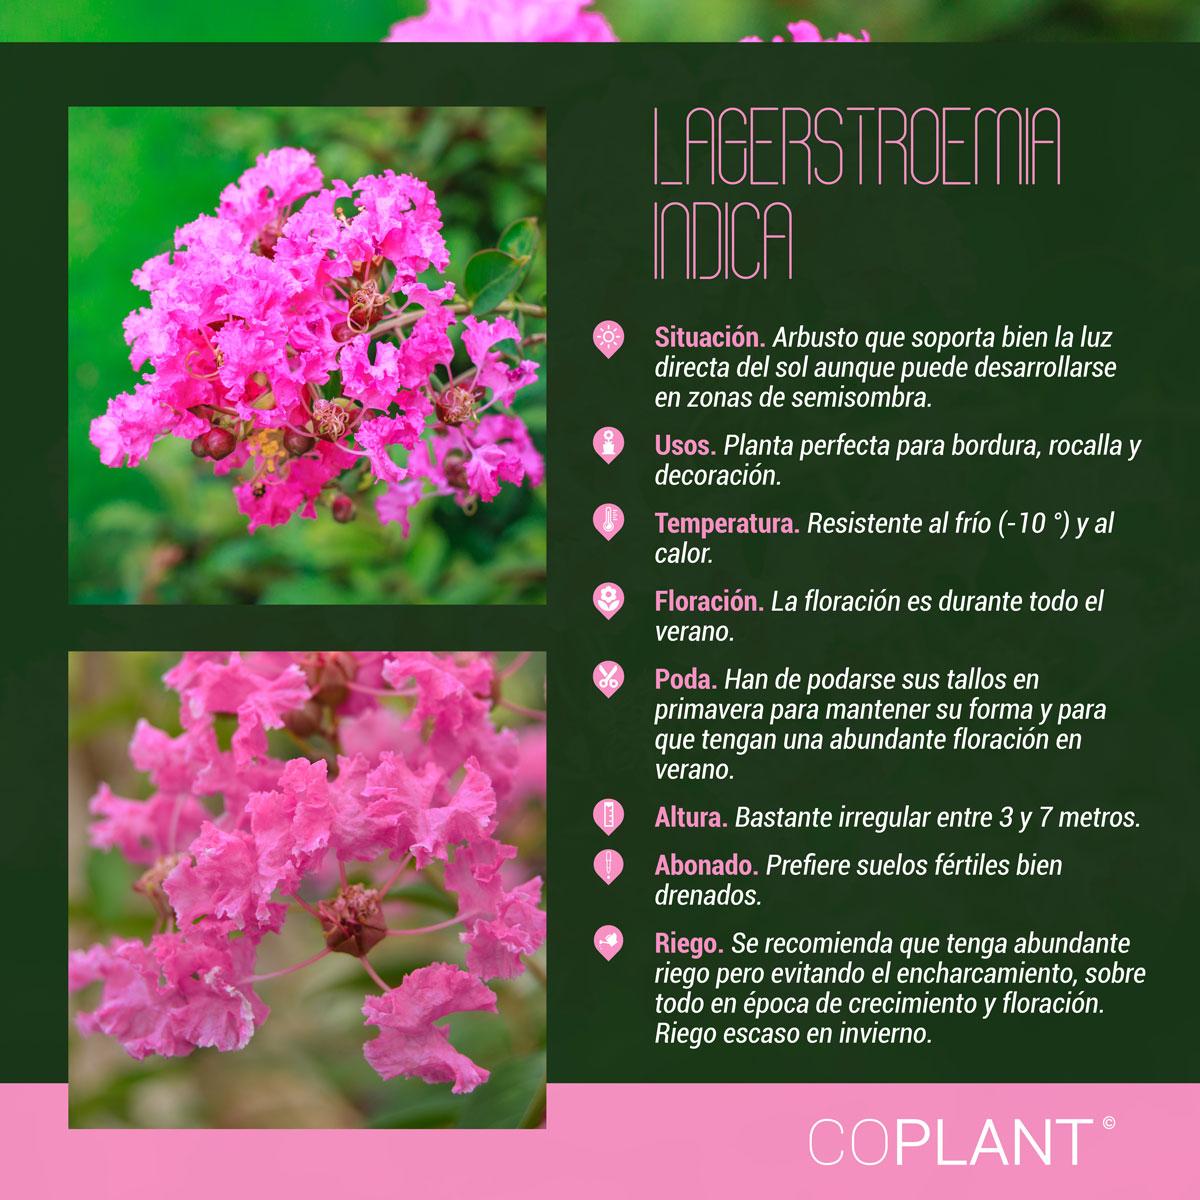 Lagerstroemia indica, una joya para el jardín